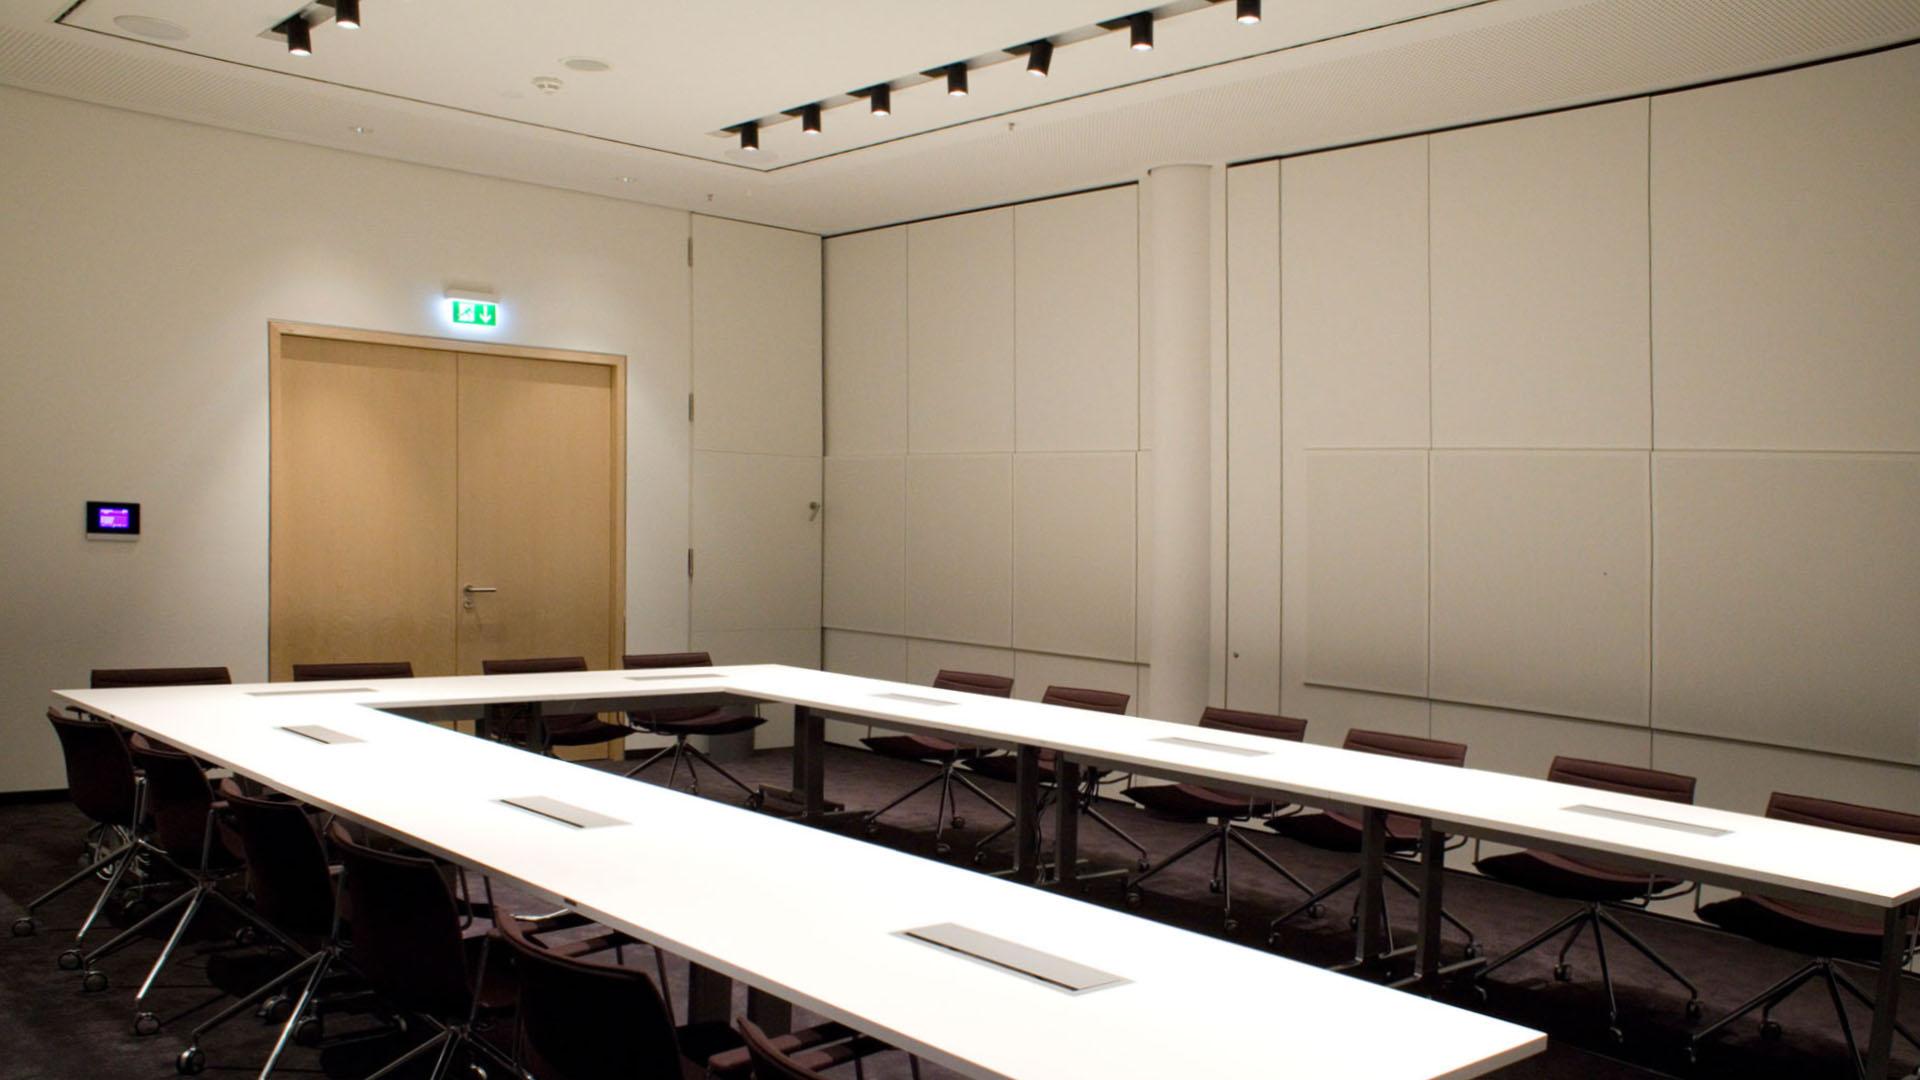 MAASS-Lichtplanung_Planung von Konferenzräumen__MAASS-Skylight-Konferenz-001